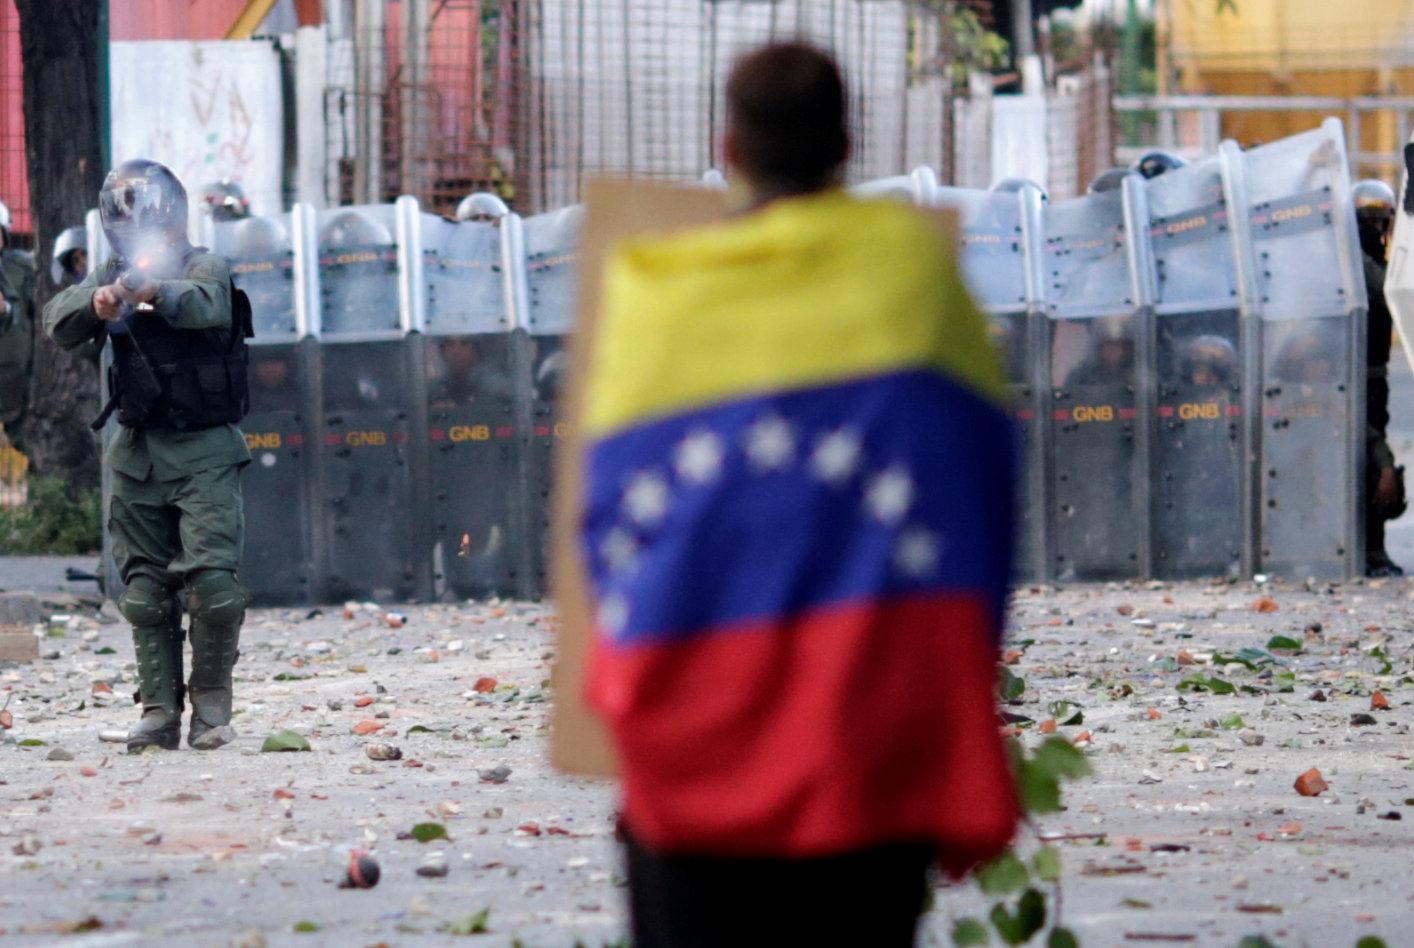 Un hombre con bandera venezolana se alza frente a las fuerzas de seguridad antidisturbios mientras se reúne contra el gobierno del presidente de Venezuela, Nicolás Maduro, en Caracas, Venezuela, el 26 de julio de 2017. REUTERS/Ueslei Marcelino